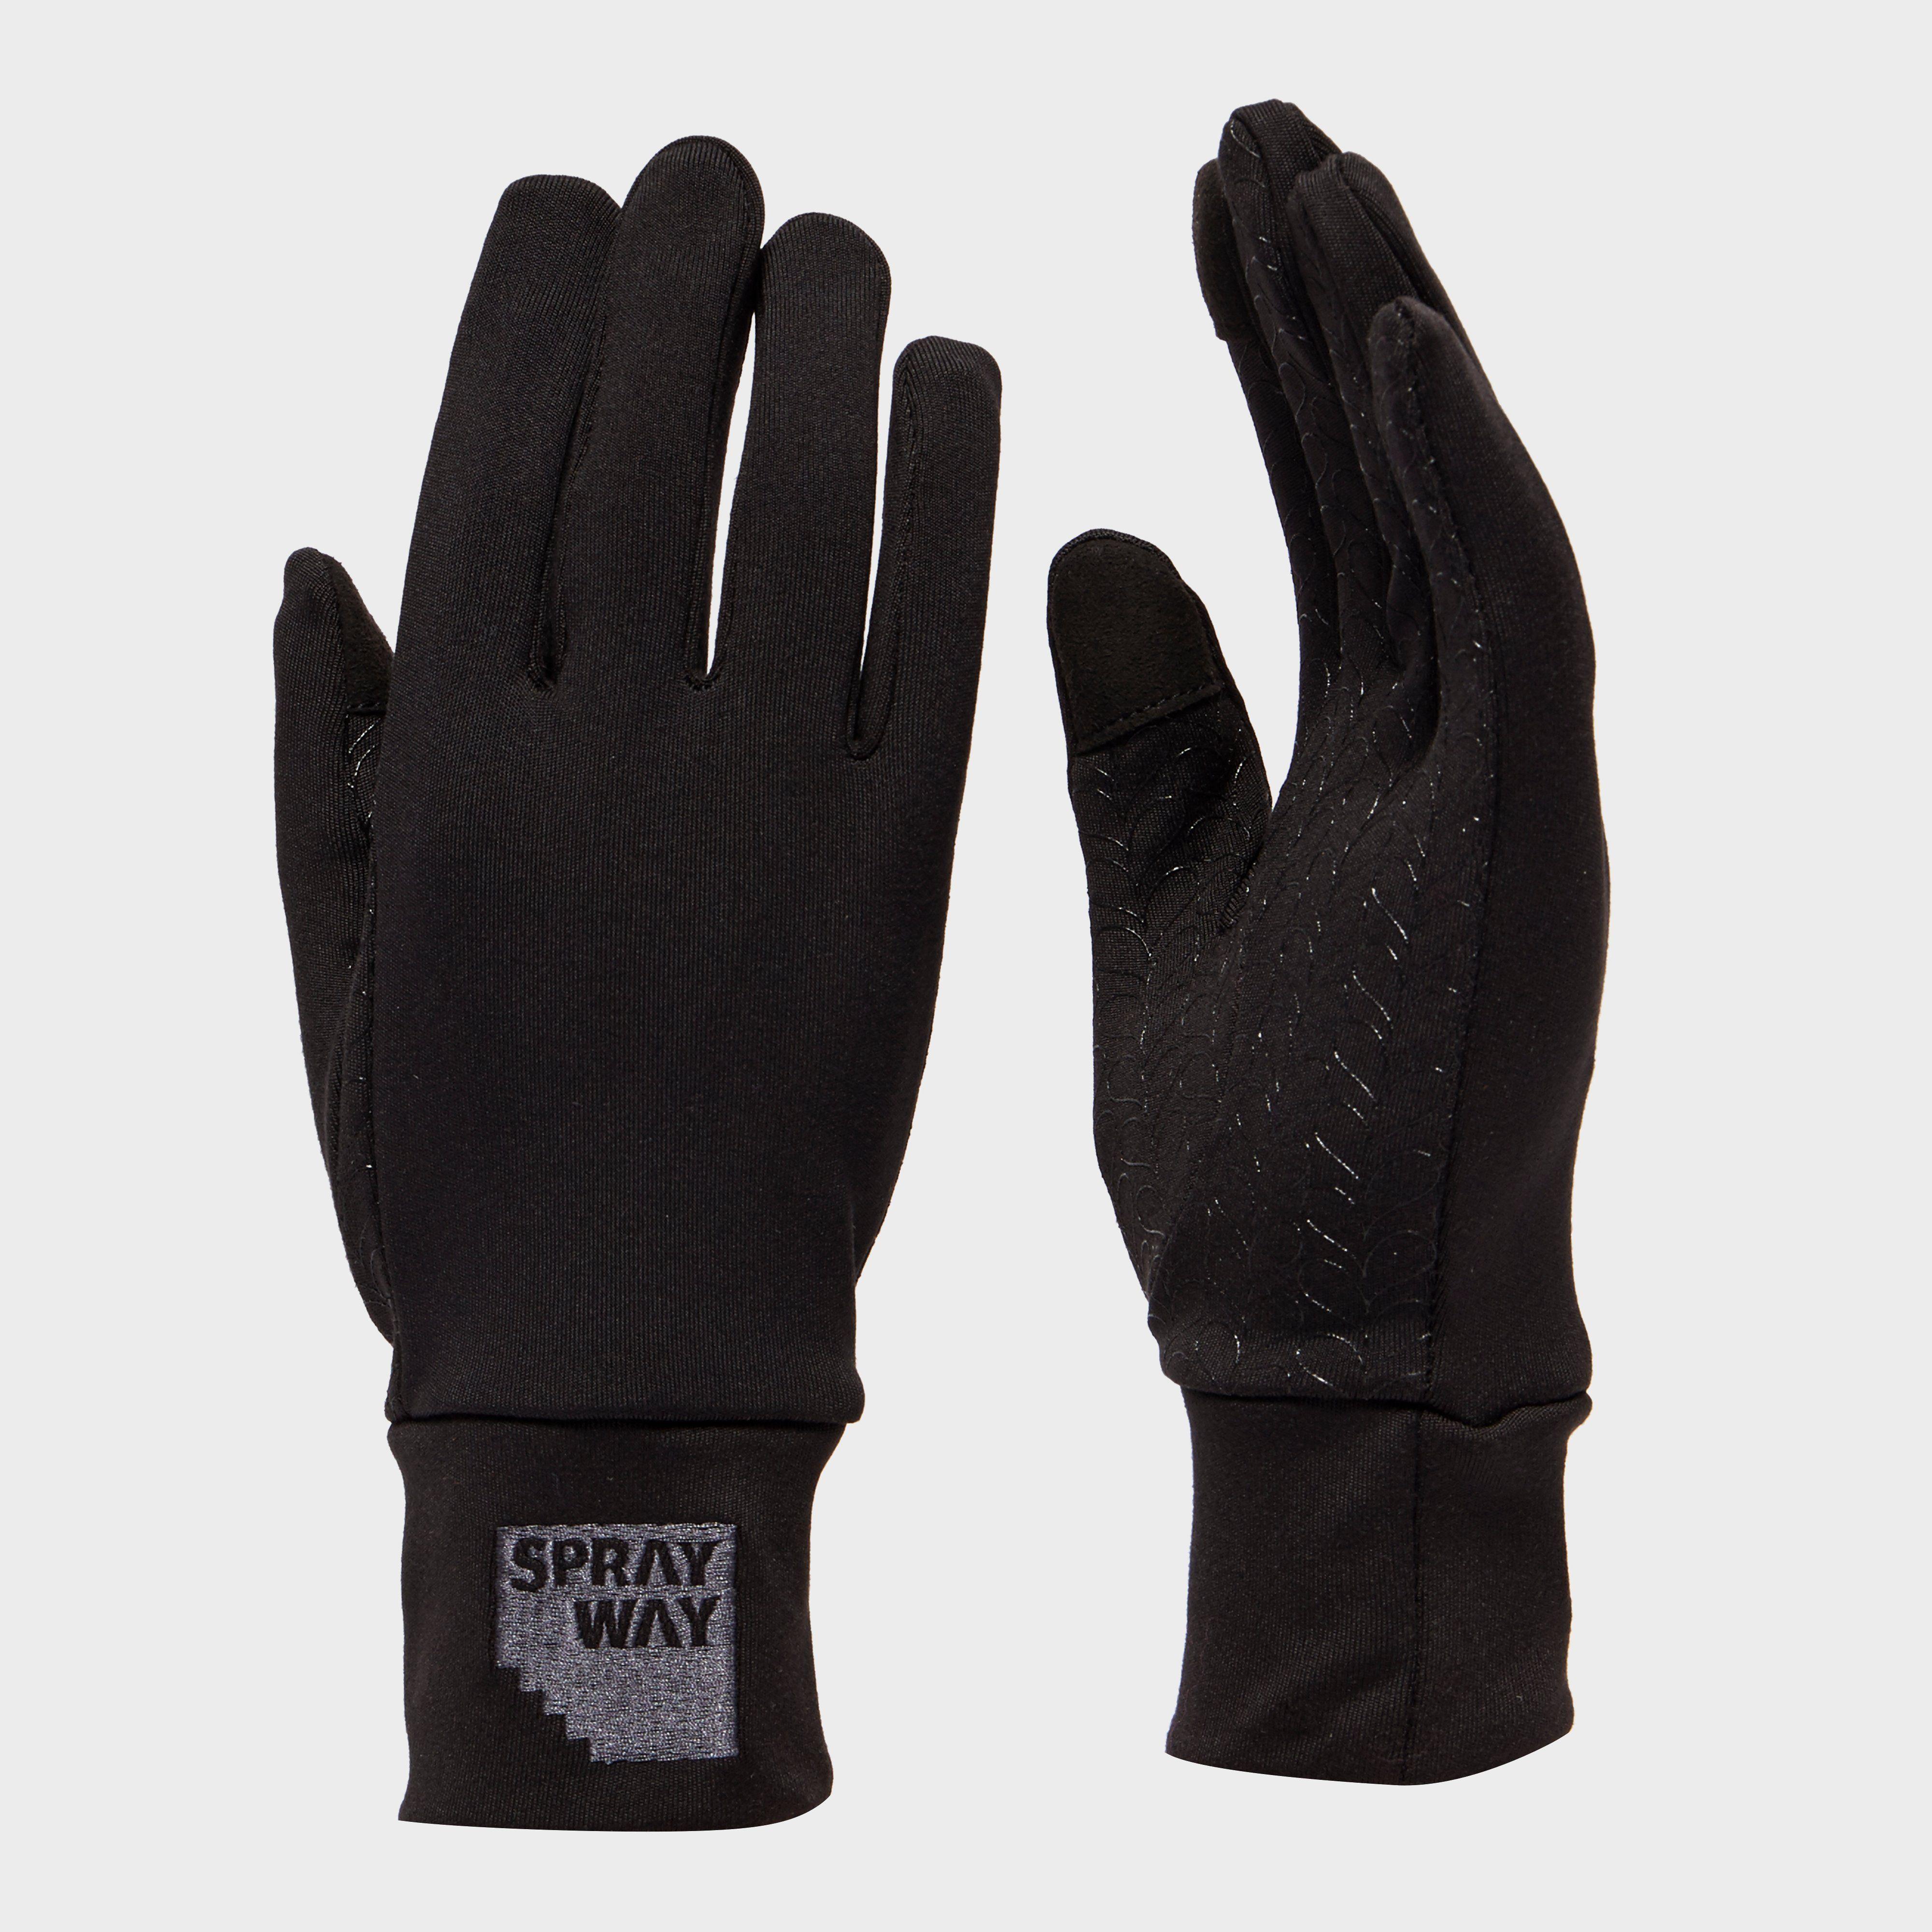 SPRAYWAY Women's Touchscreen Grip Gloves